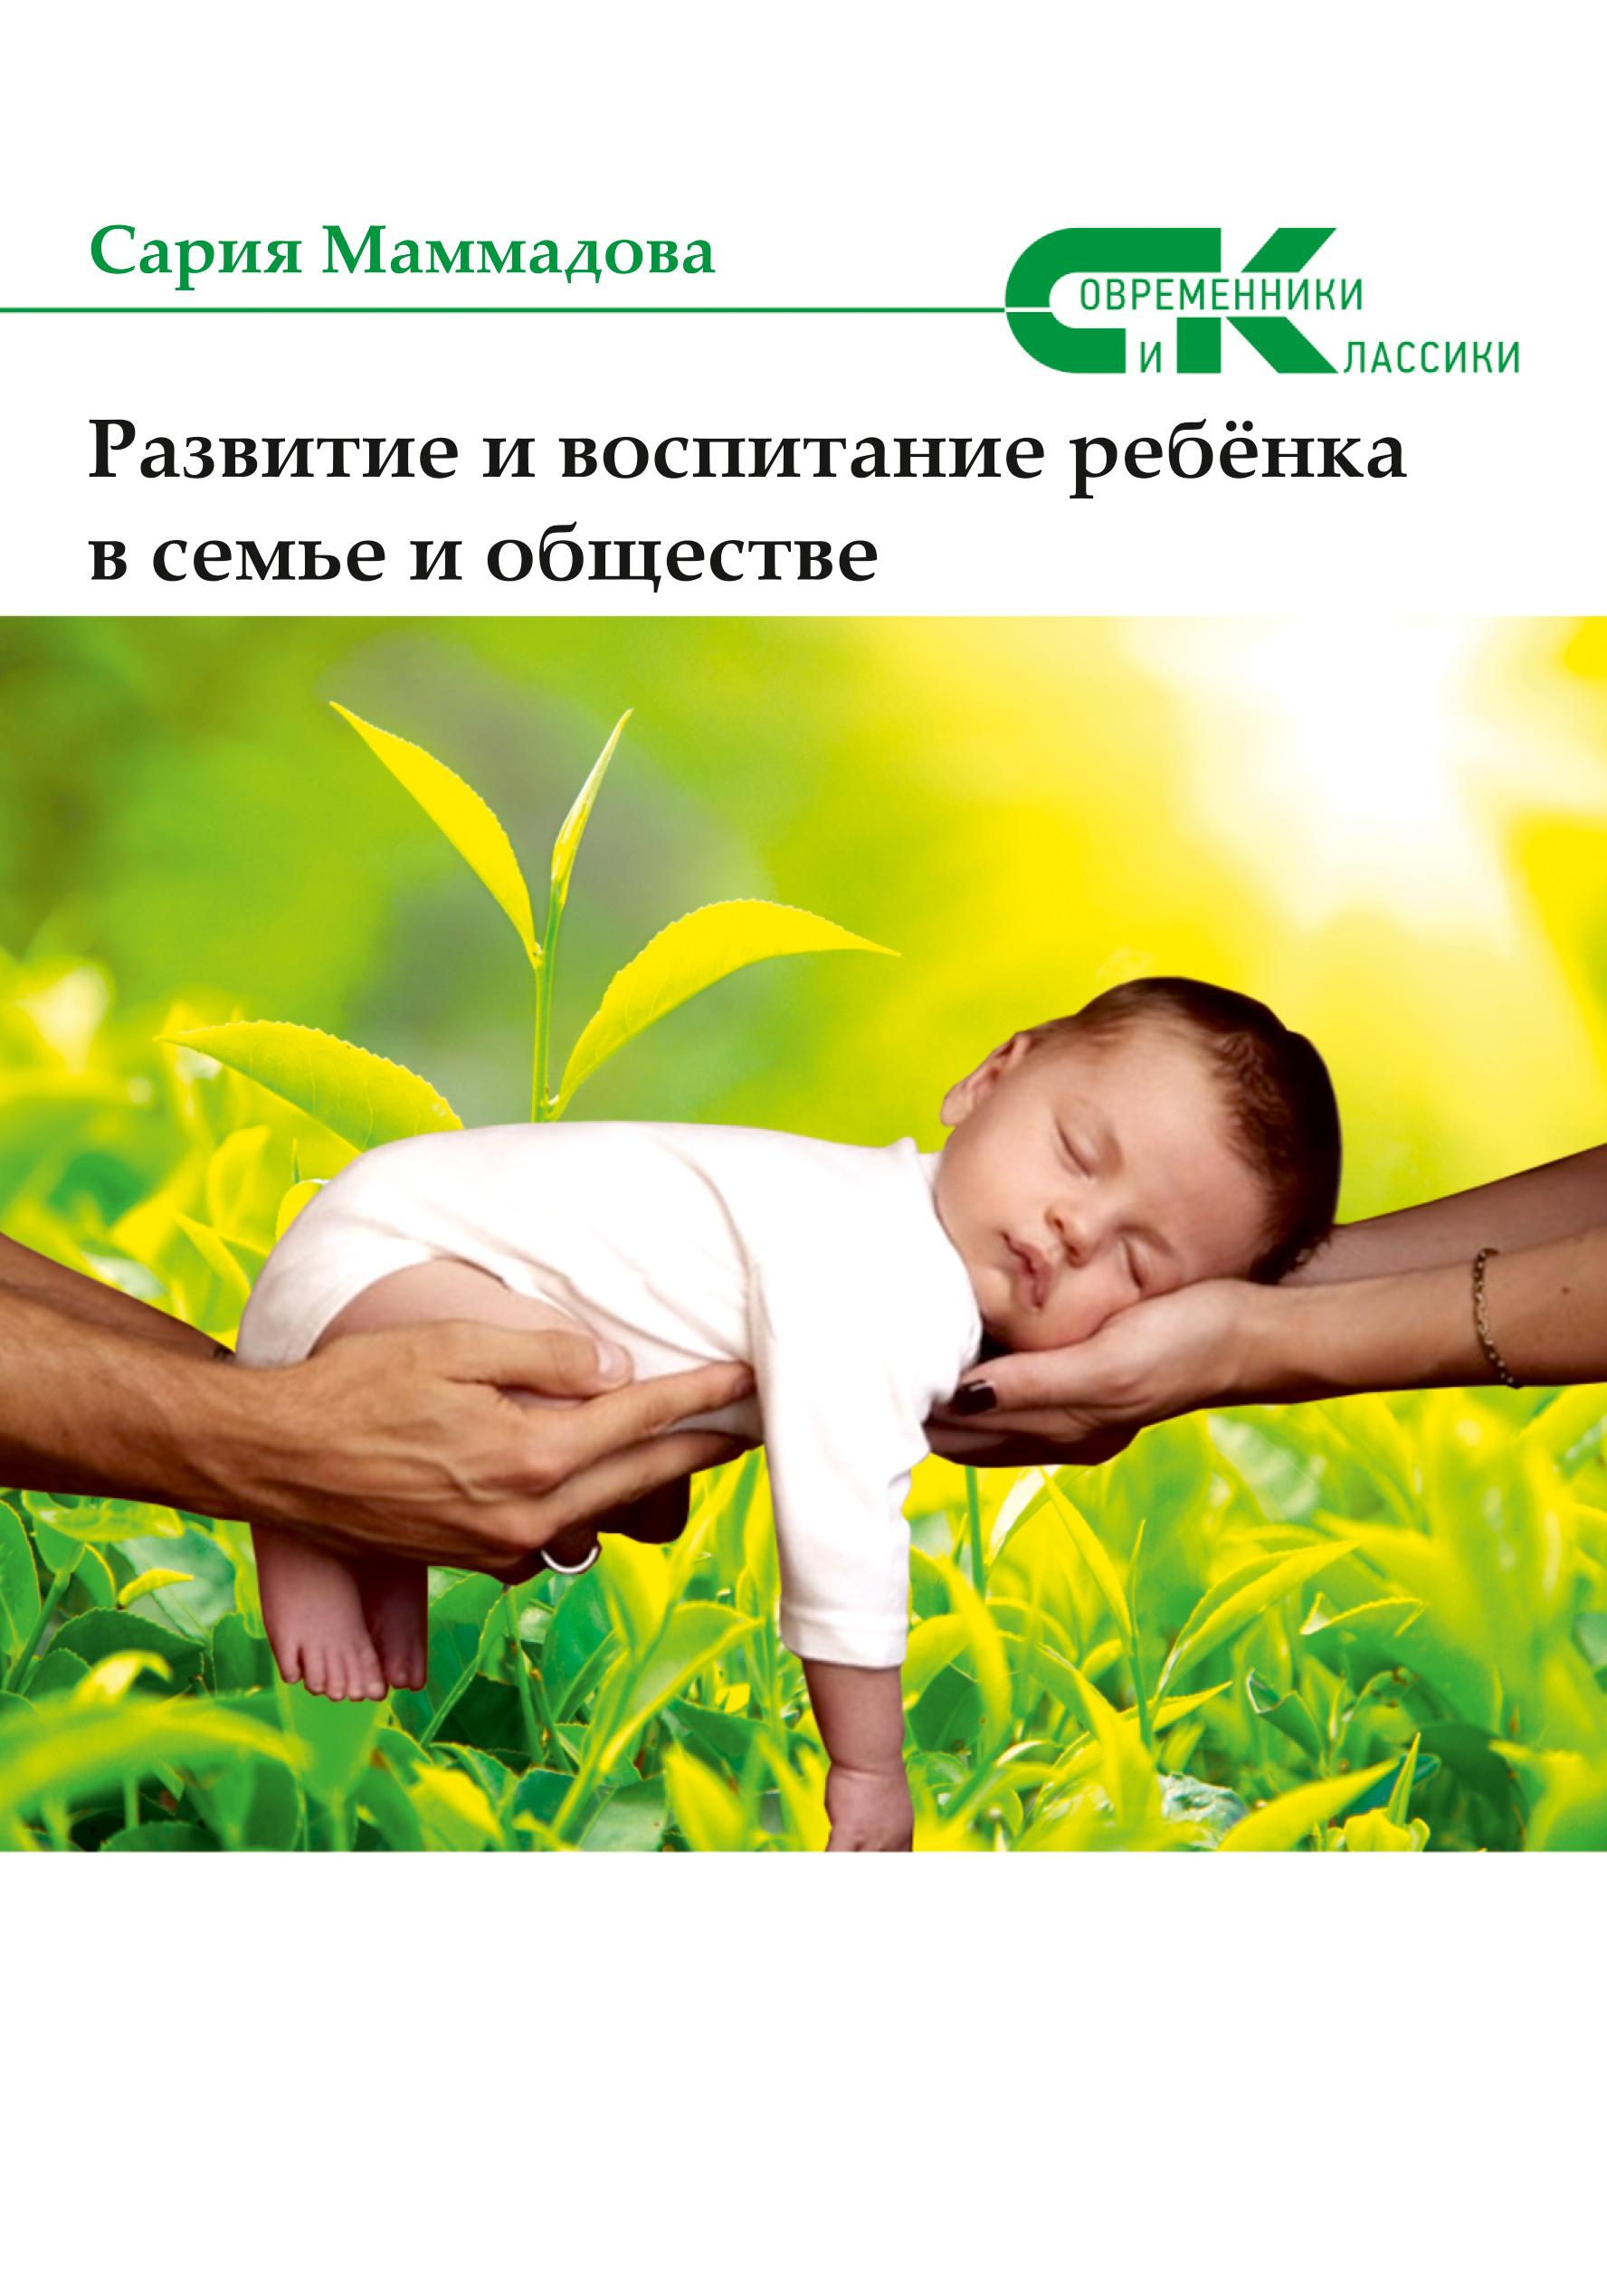 Сария Маммадова Развитие и воспитание ребёнка в семье и обществе